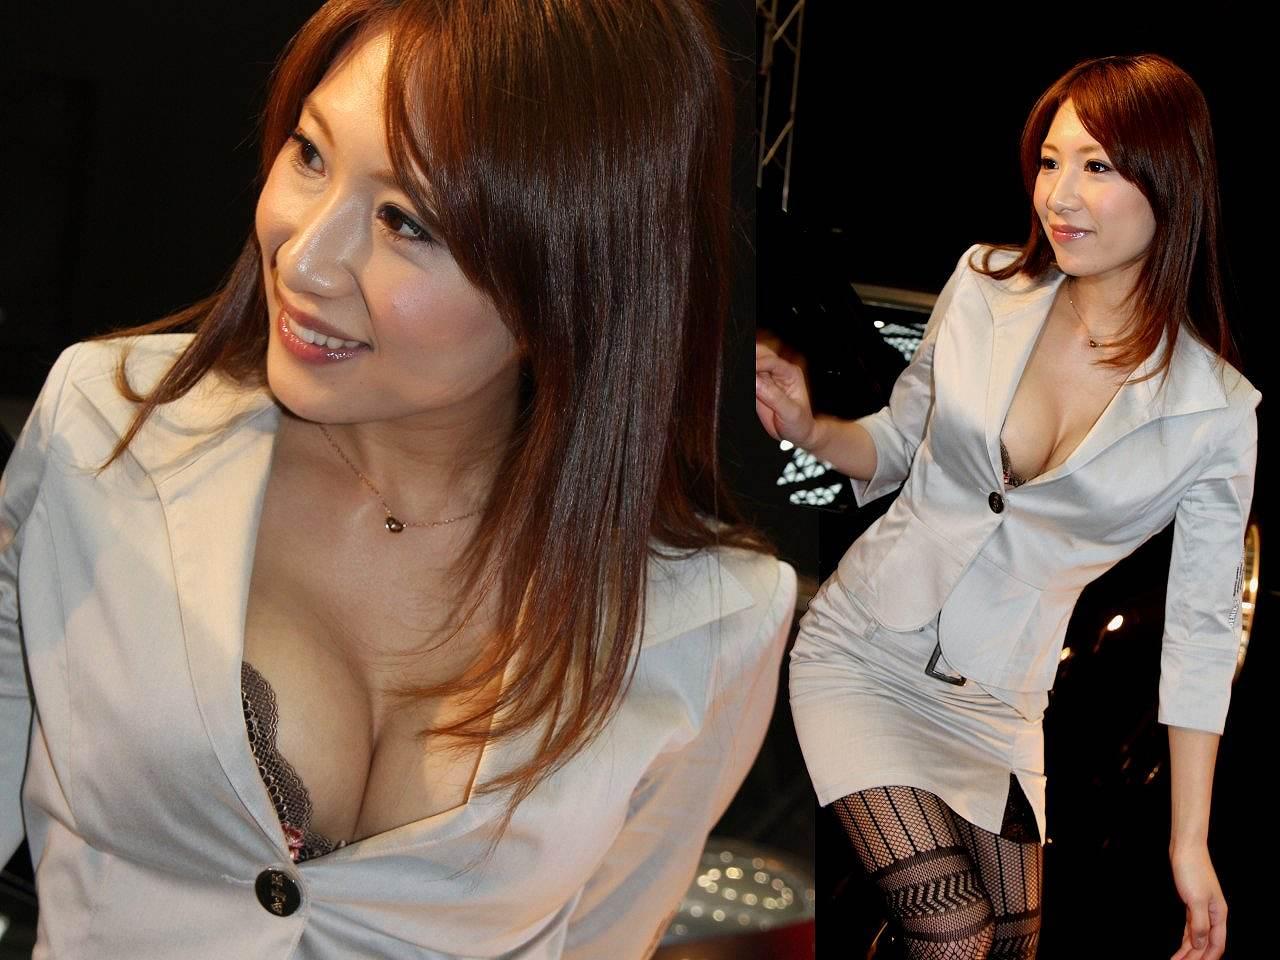 乳首や下着が見えちゃっているレースクイーン (7)